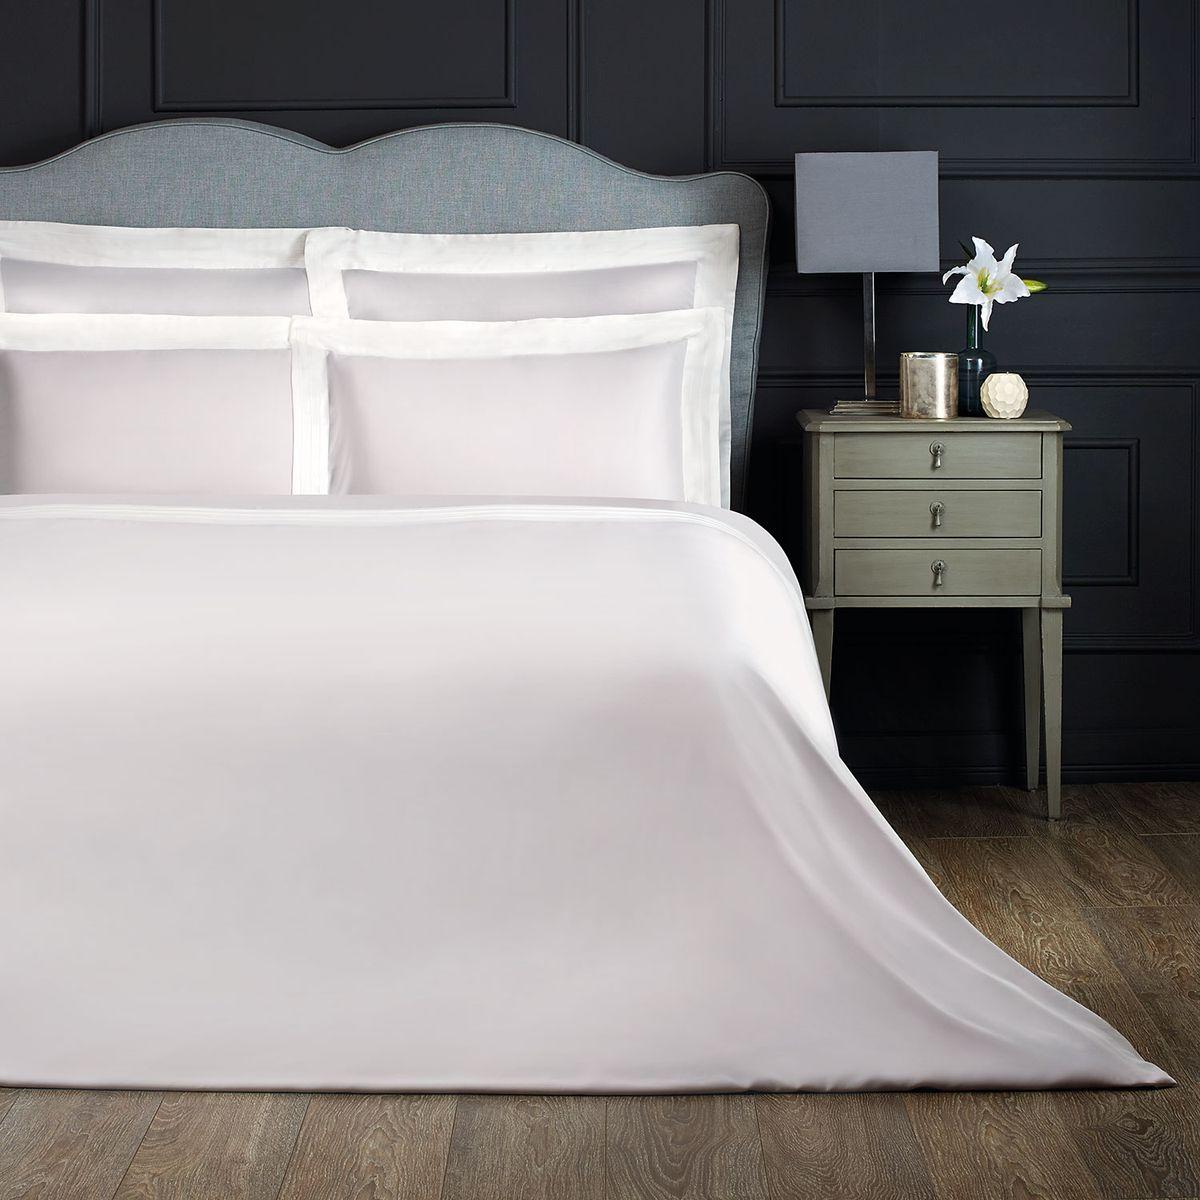 Комплект белья Togas Эдем, 2-спальный с евро простыней, наволочки 50х70, цвет: серый, белыйK100Комплект постельного белья Togas Эдем, выполненный из 100% бамбукового волокна, состоит из пододеяльника, простыни и двух наволочек. Изделия имеют классический крой. Бамбуковое волокно - регенерированное целлюлозное волокно, изготовленное из стебля бамбука.Комплект постельного белья Togas Эдем гармонично впишется в интерьер вашей спальни и создаст атмосферу уюта и комфорта.